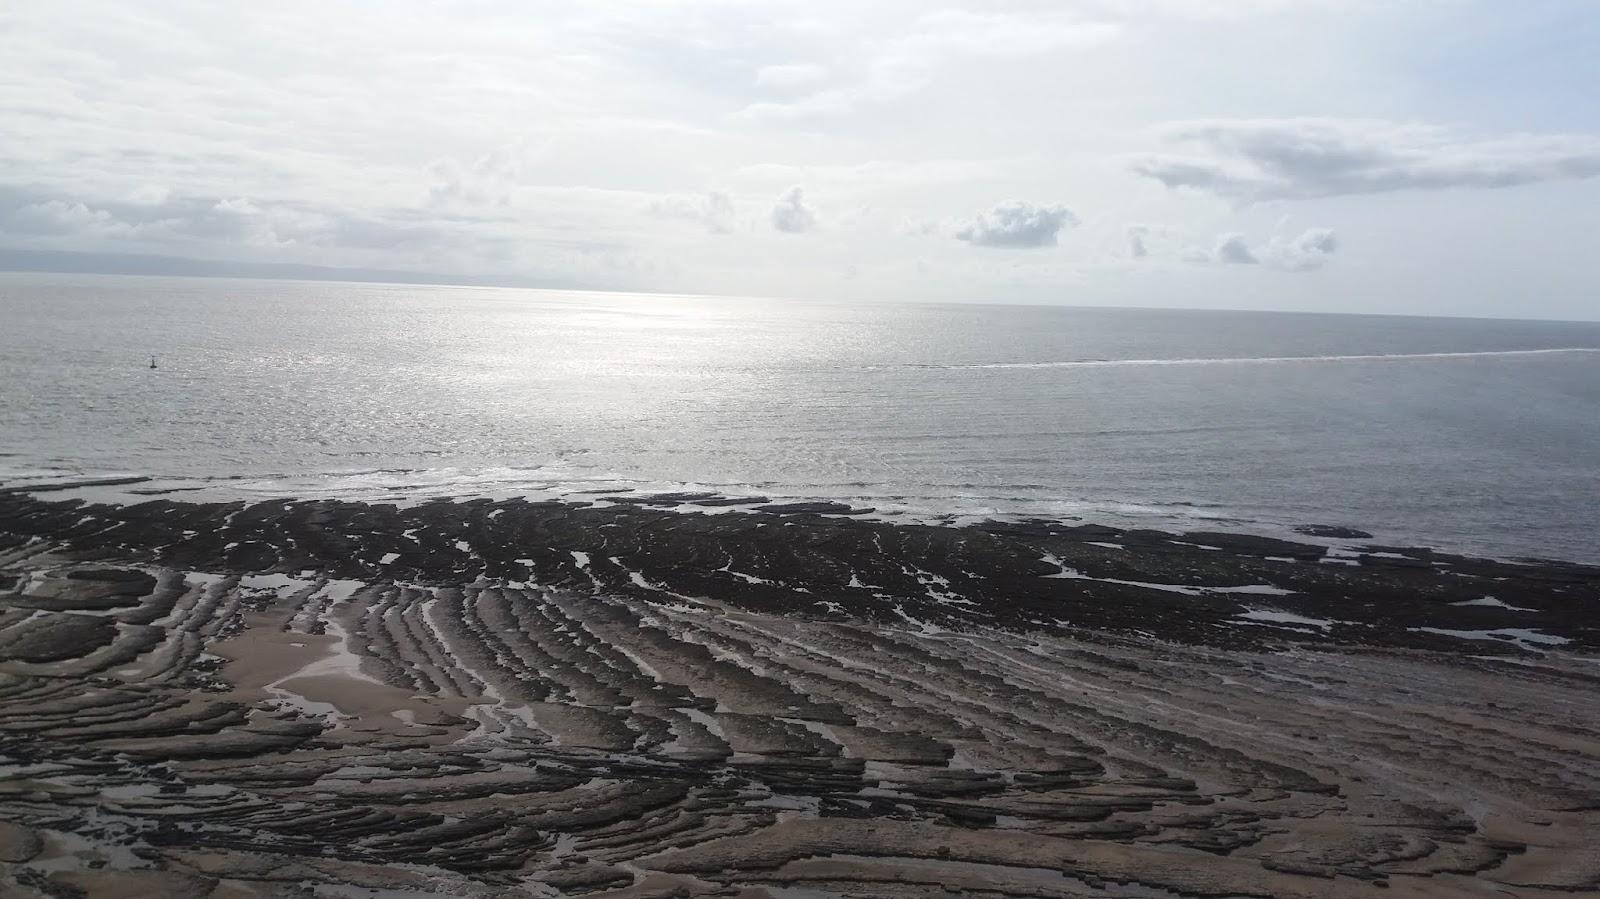 20170824 160826 rock patternn on Traeth Mawr beach